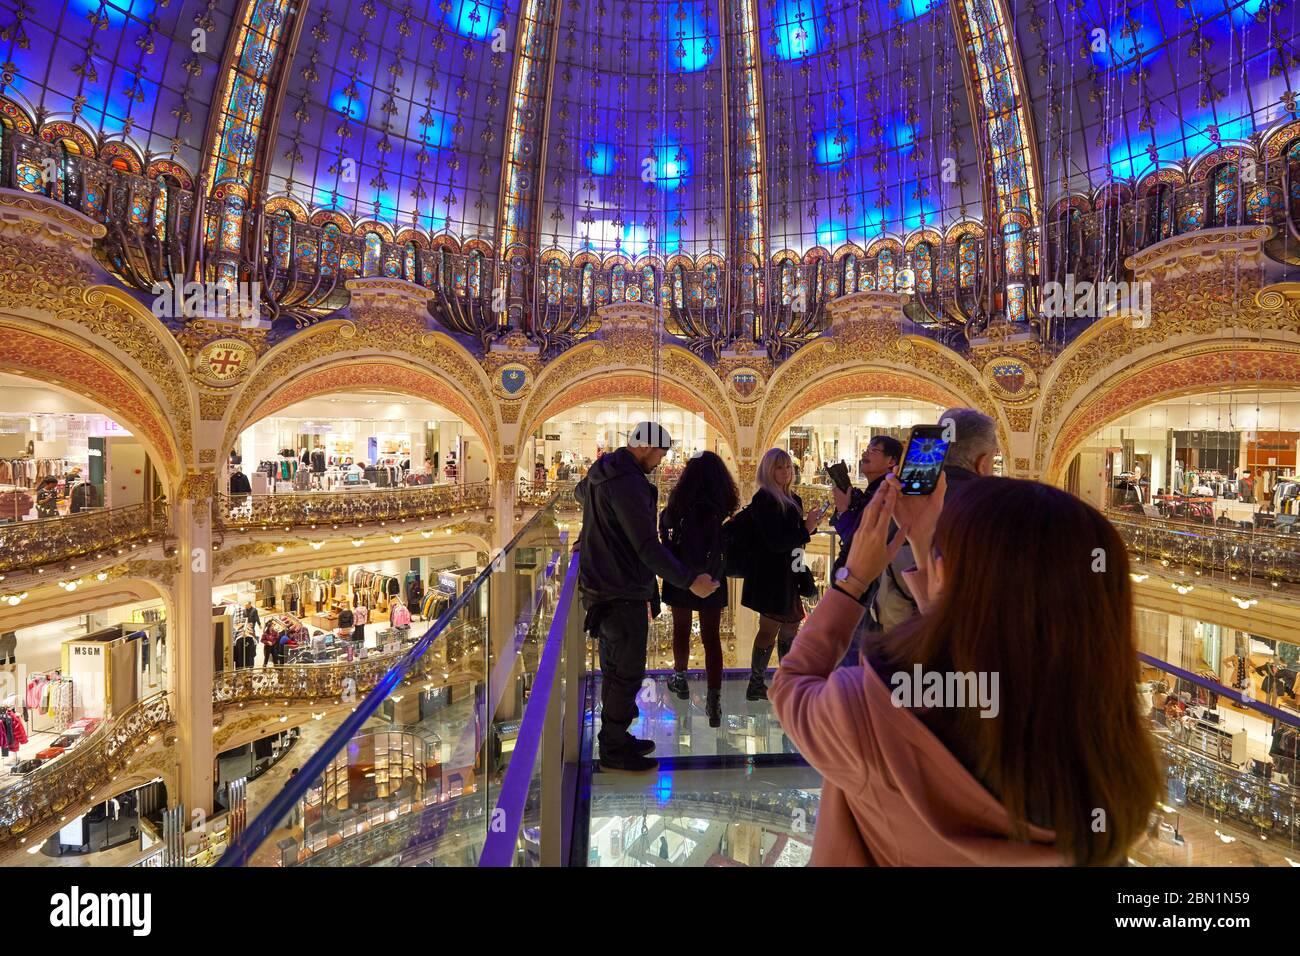 PARIS - 6 NOVEMBRE 2019 : intérieur des Galeries Lafayette avec installation de Glasswalk avec personnes et touristes à Paris Banque D'Images